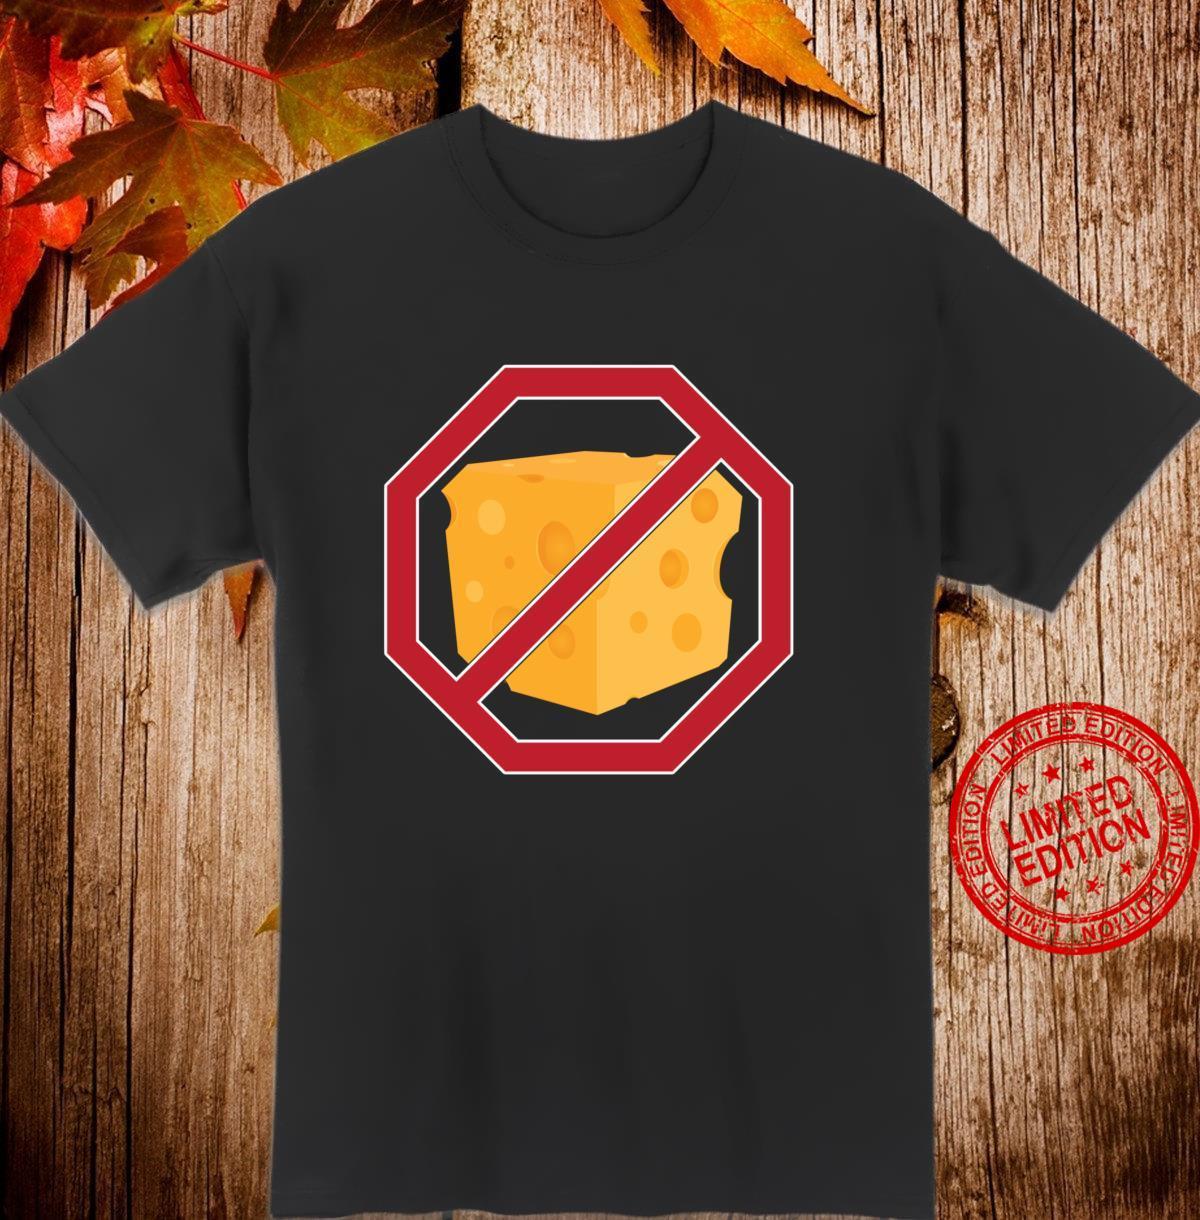 Cheese Hater Anti Vegan Humor Shirt